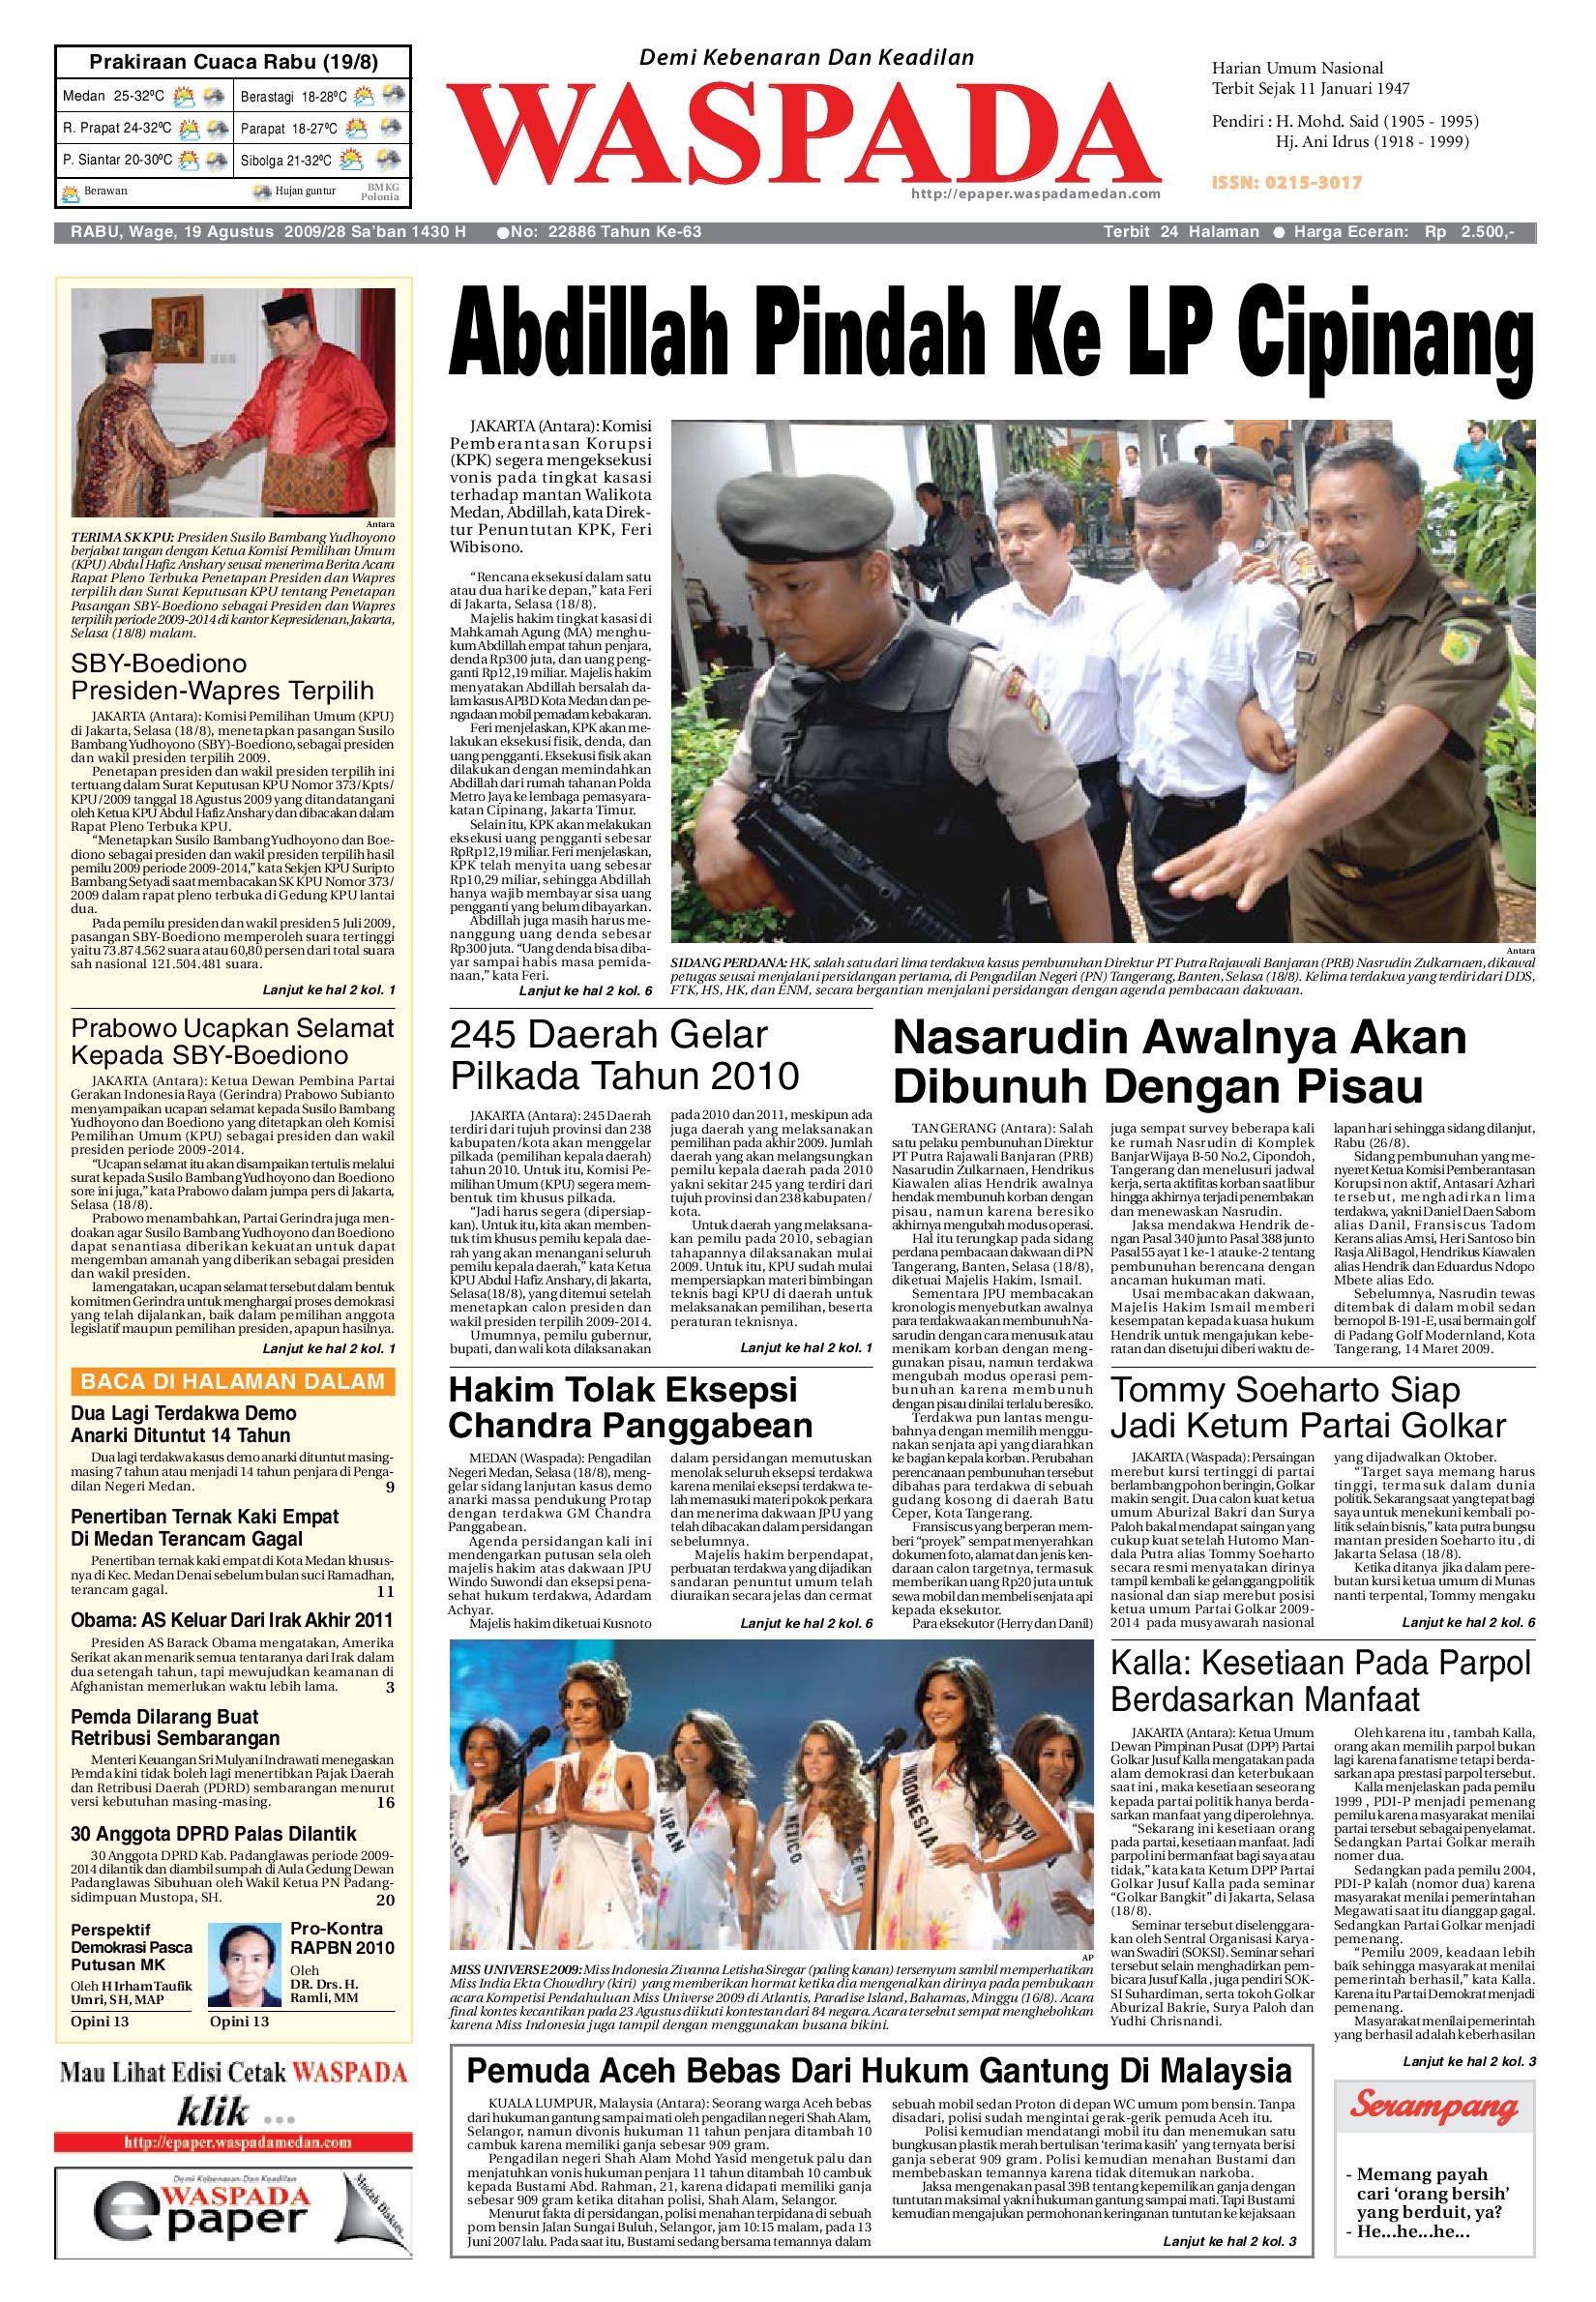 waspada kamis 30 juni 2011 by harian waspada issuu